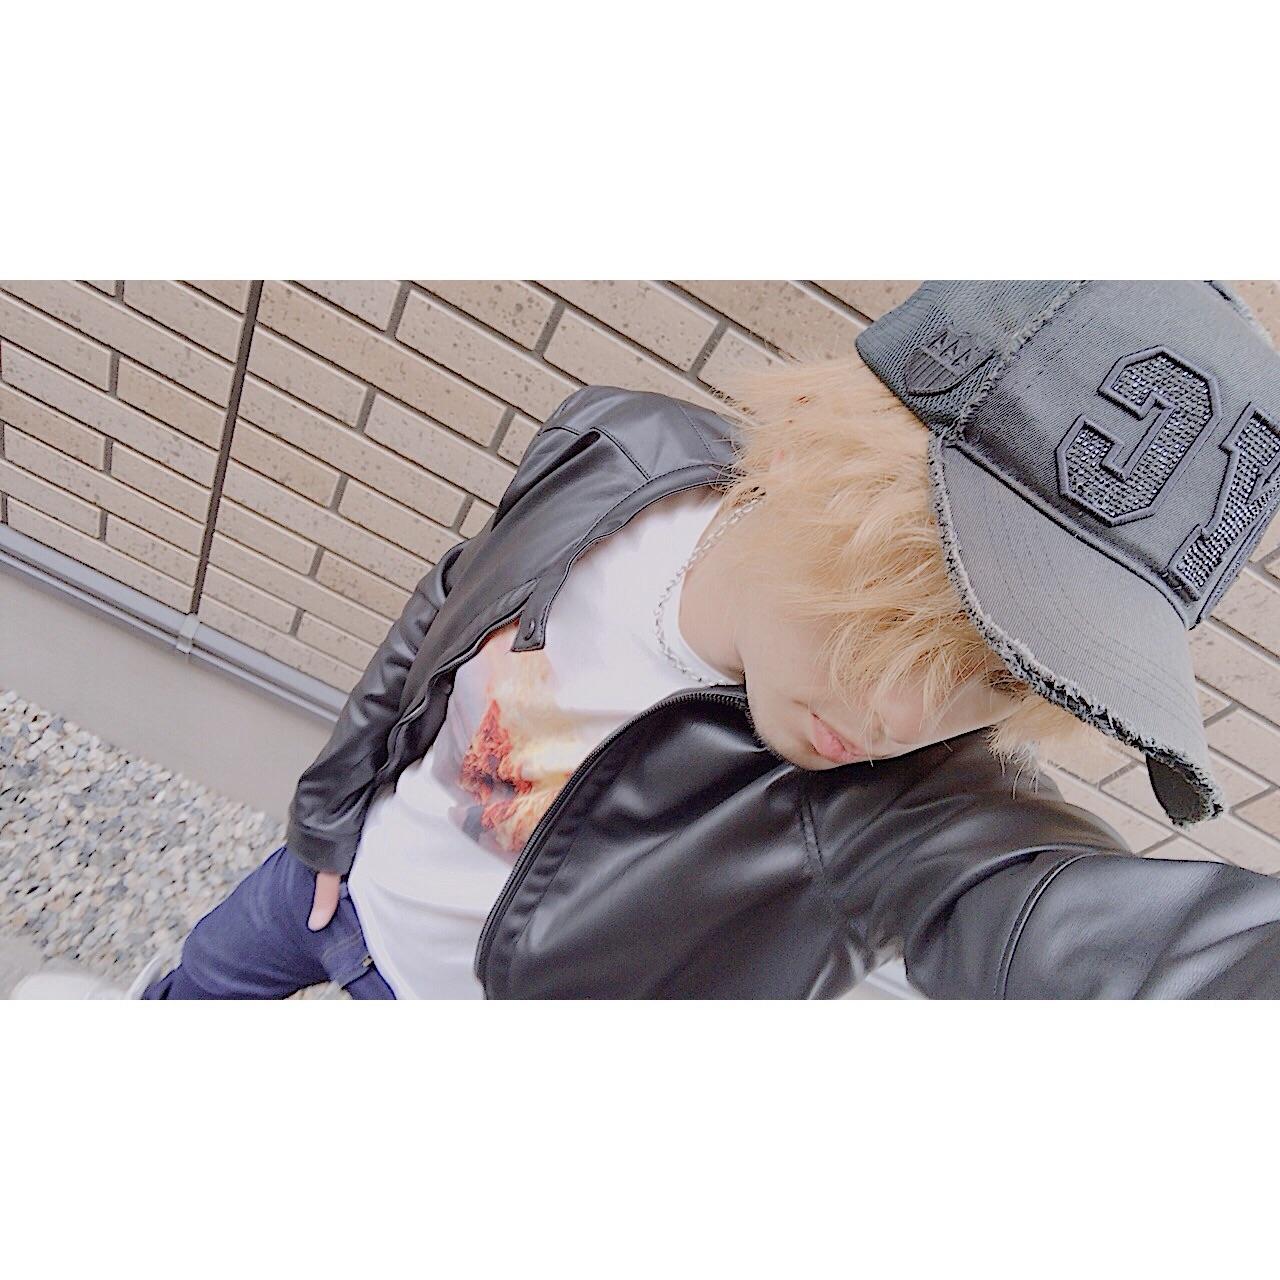 f:id:Yosuke0912:20180304163752j:image